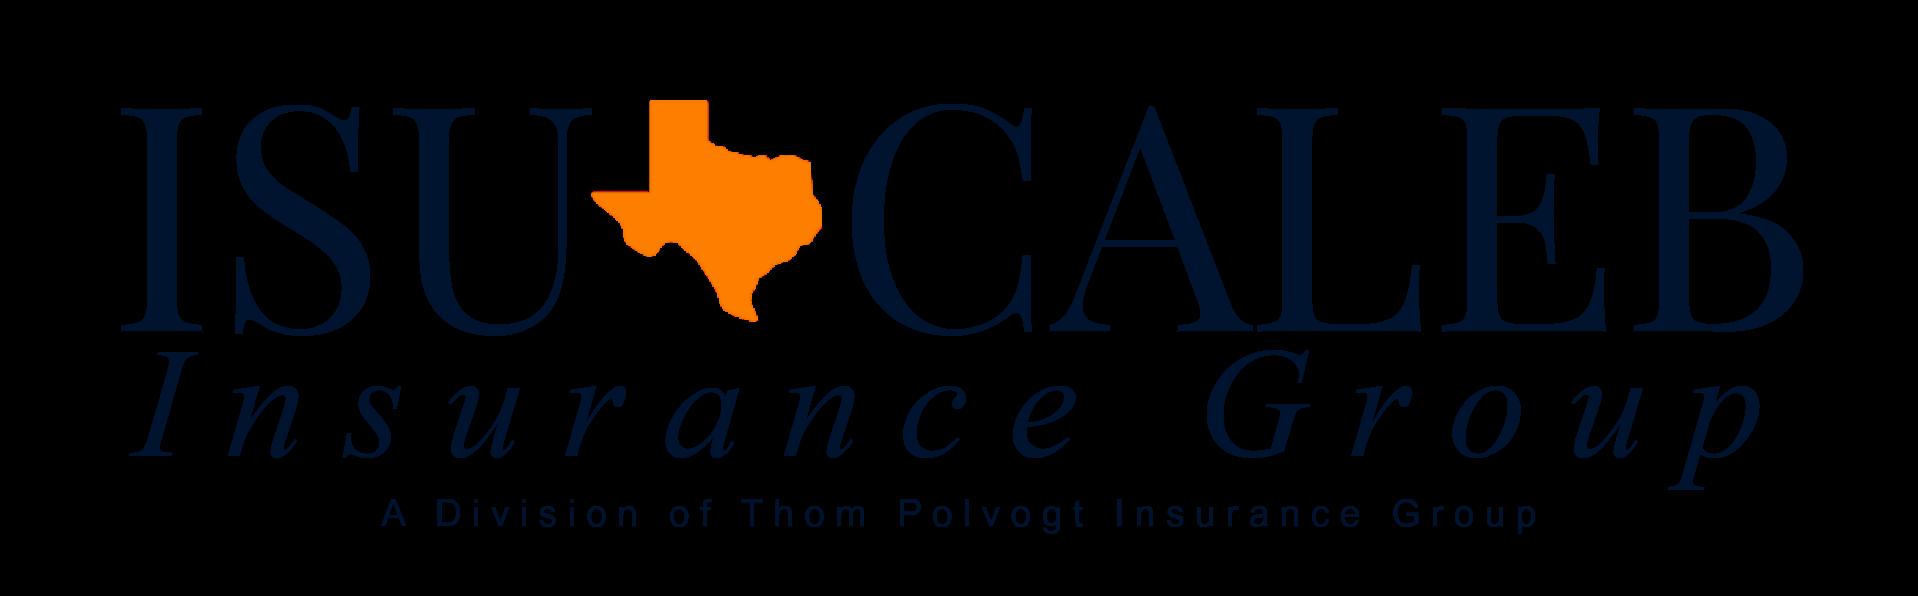 CalebInsuranceGroup